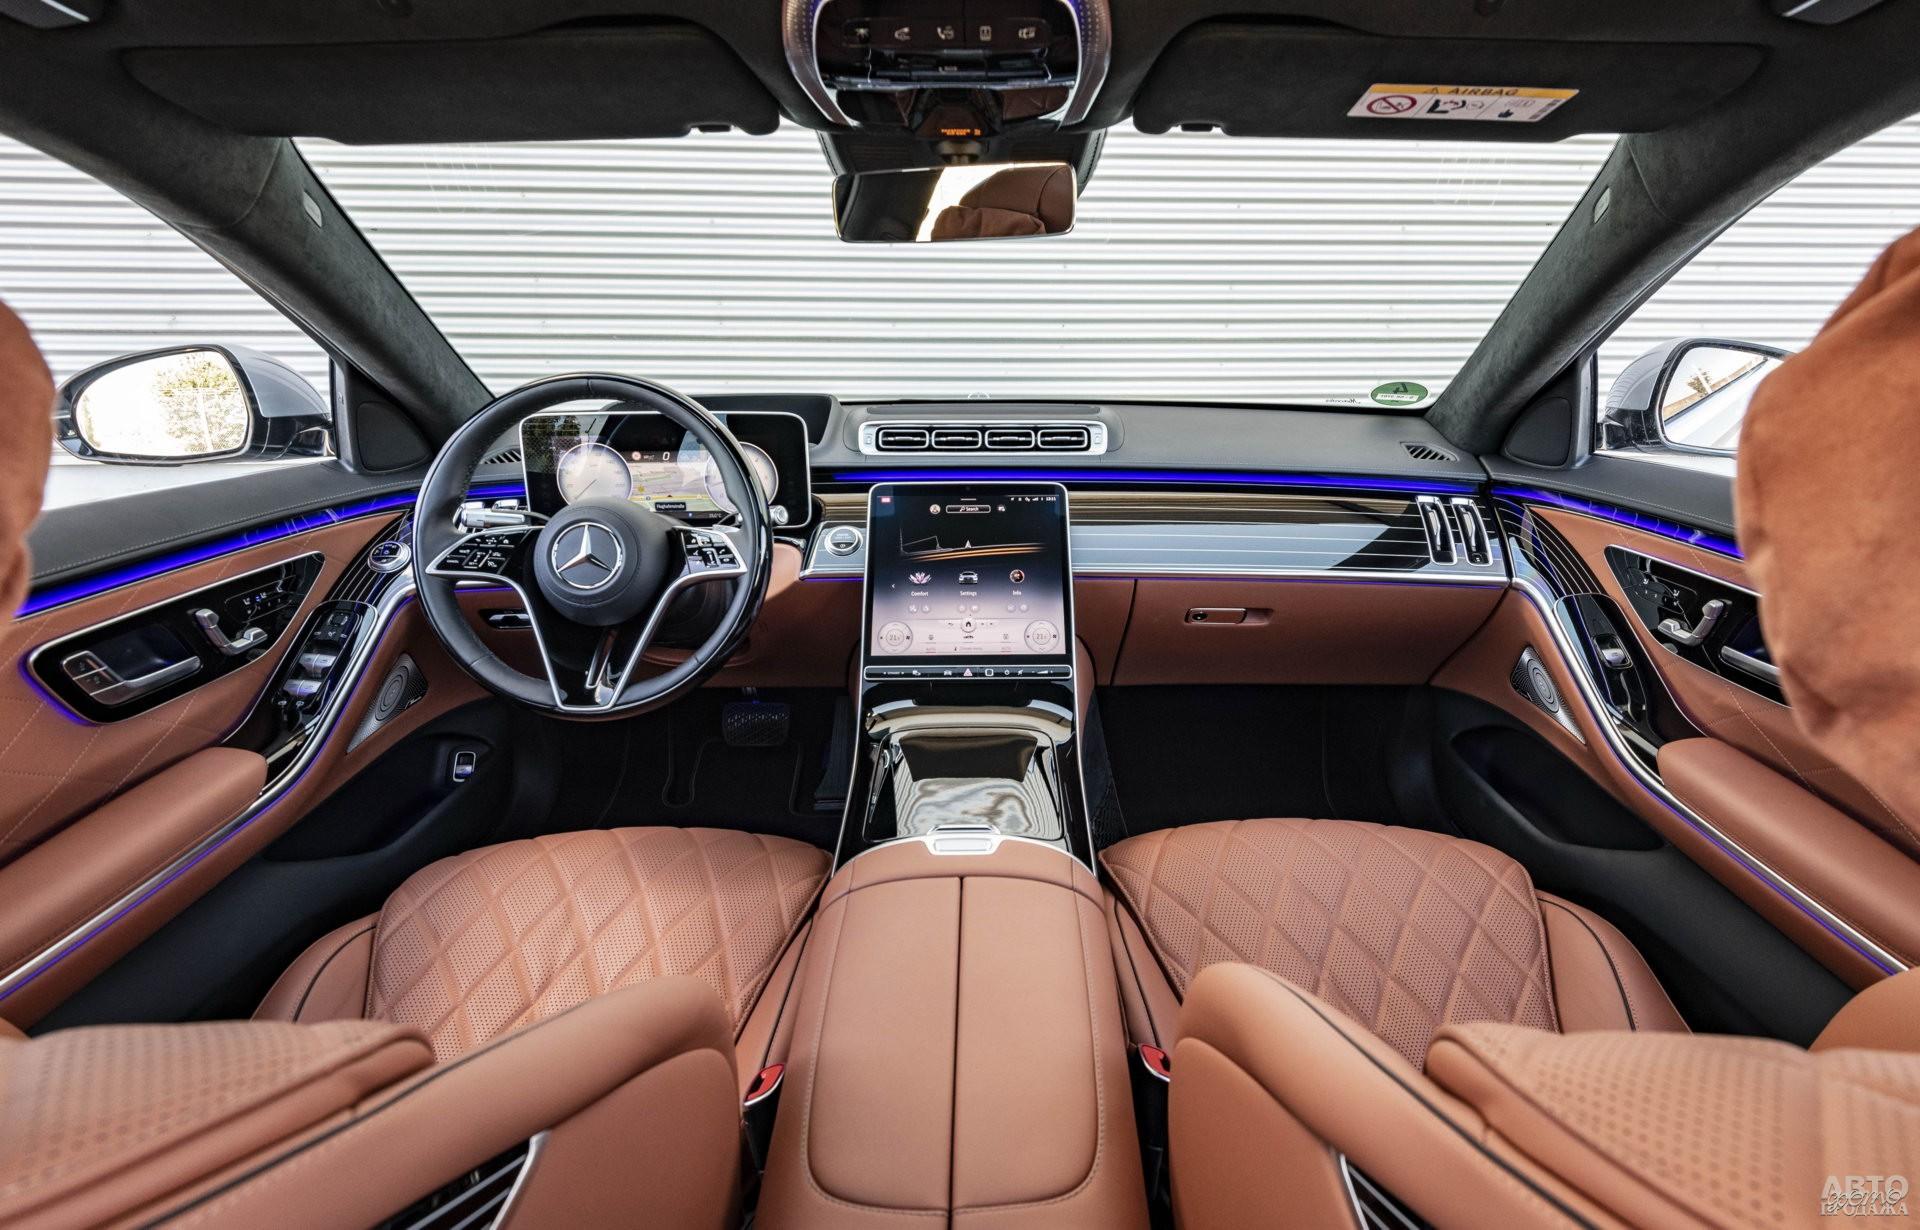 На центральной панели Mеrcedes-Benz – огромный дисплей